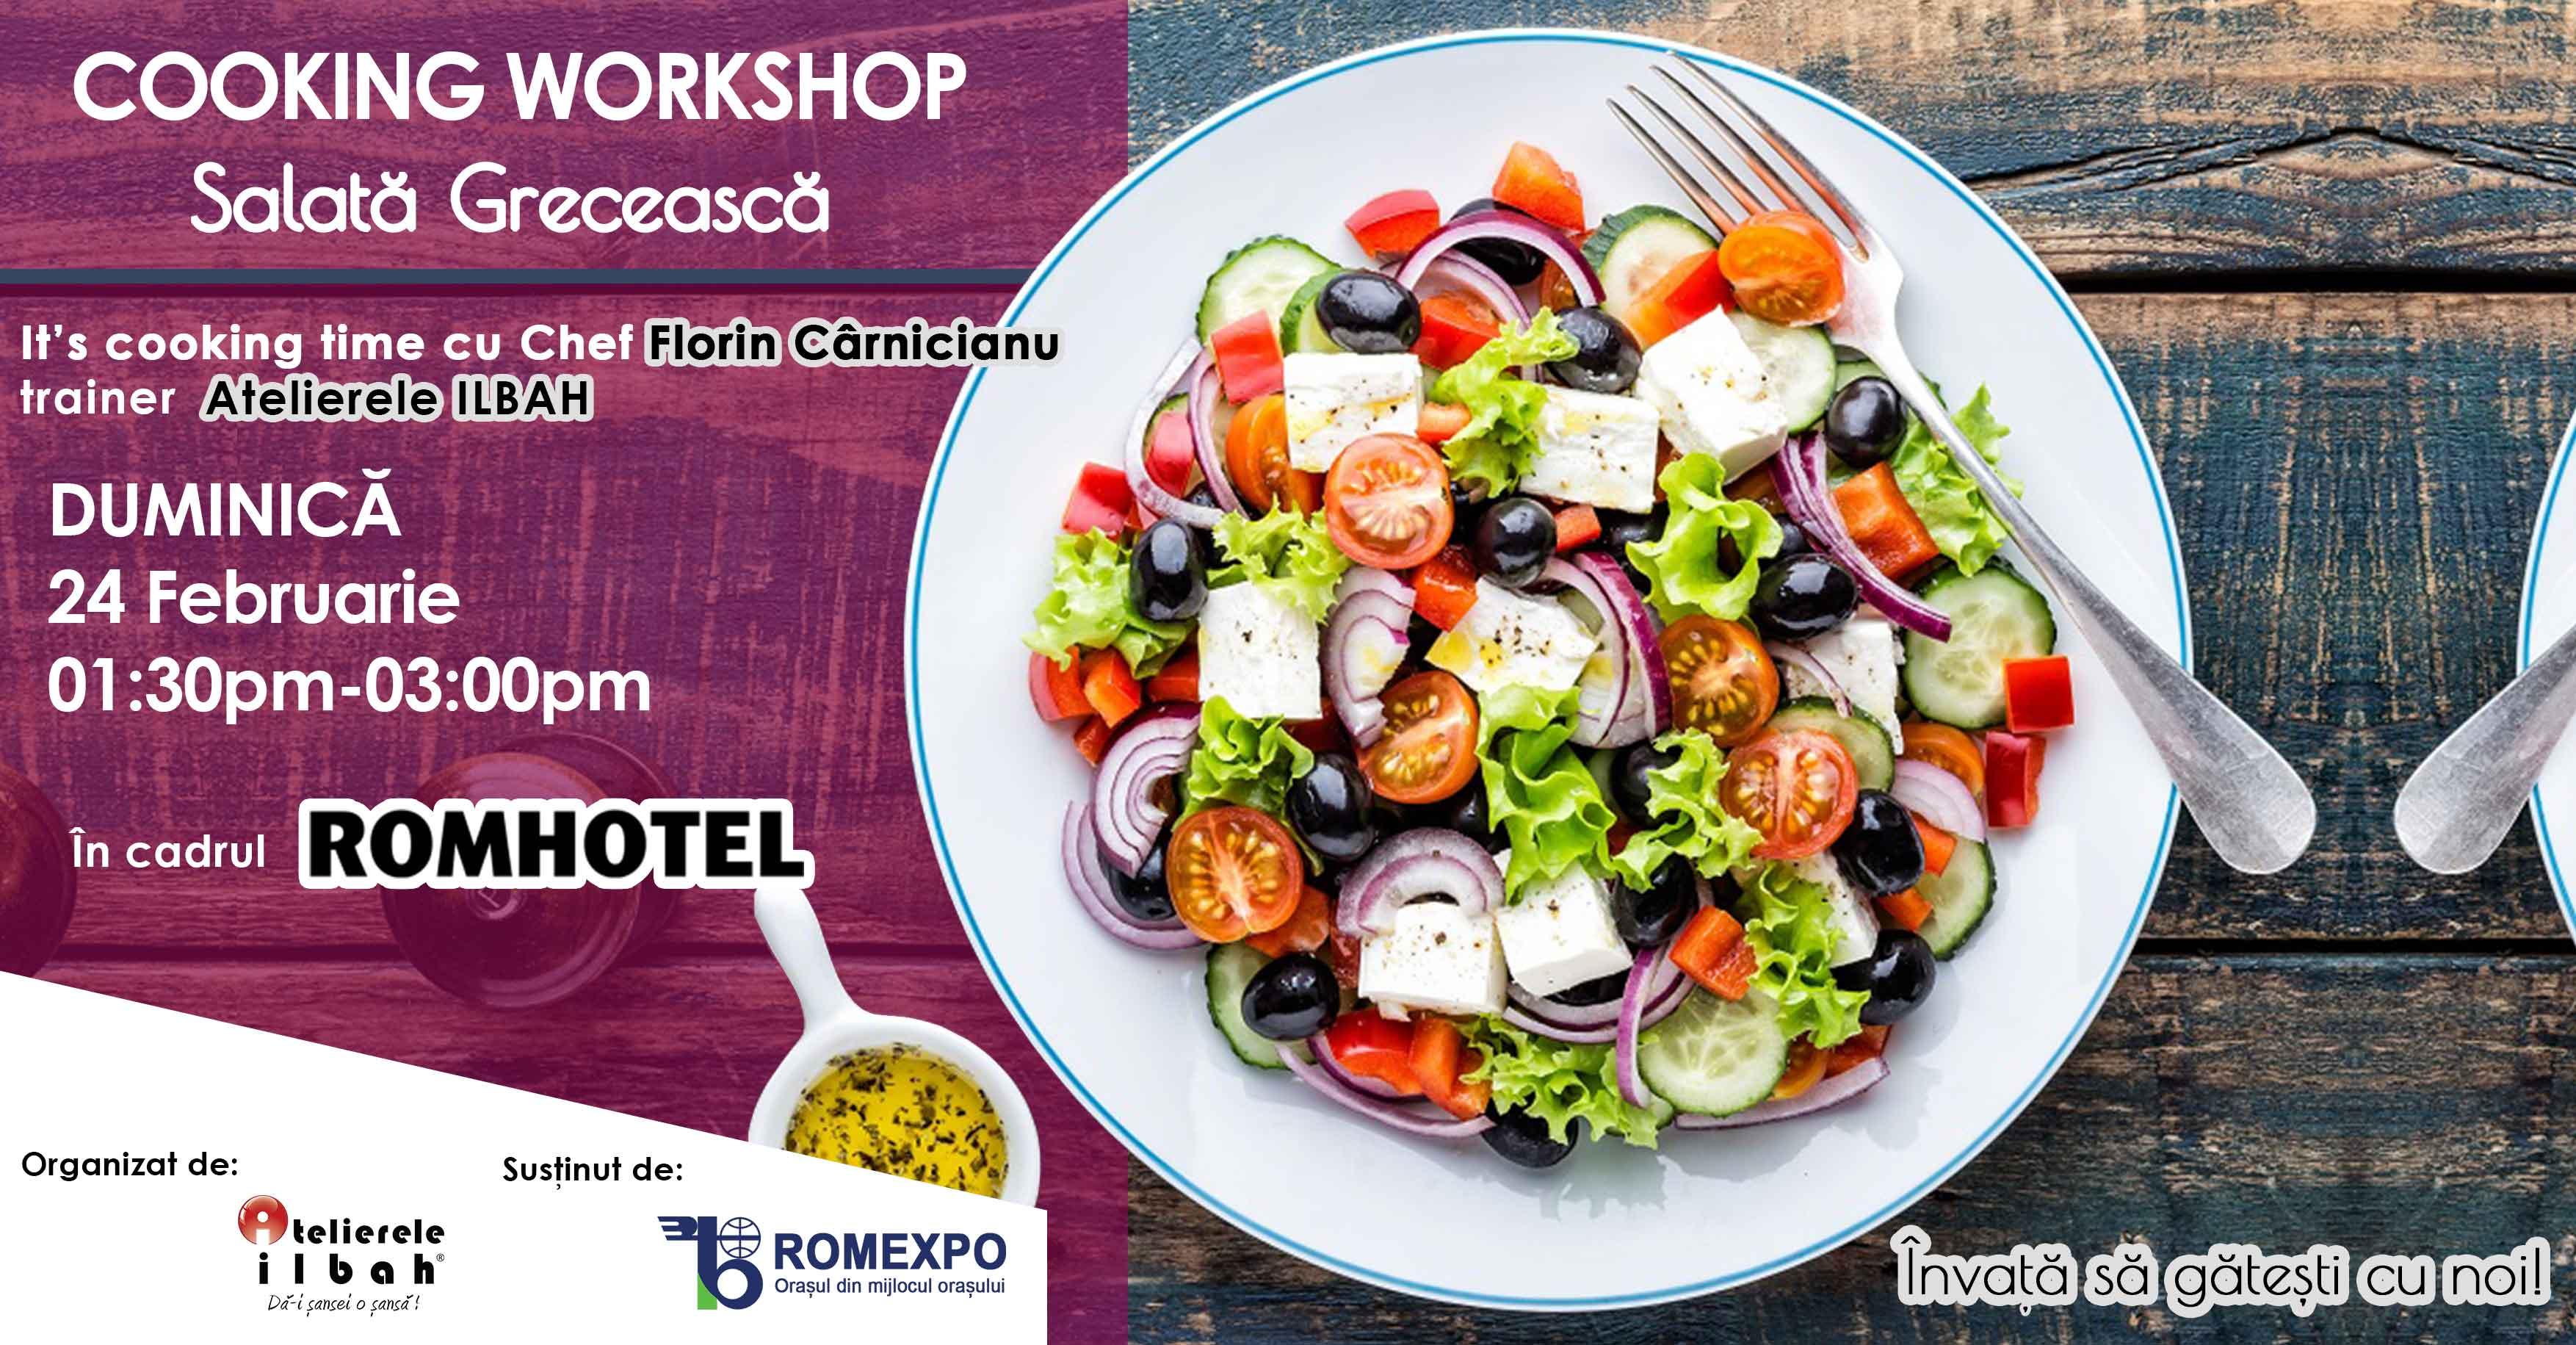 nu-rata-workshopurile-de-cooking-organizate-de-atelierele-ilbah-in-cadrul-romhotel-2019-9